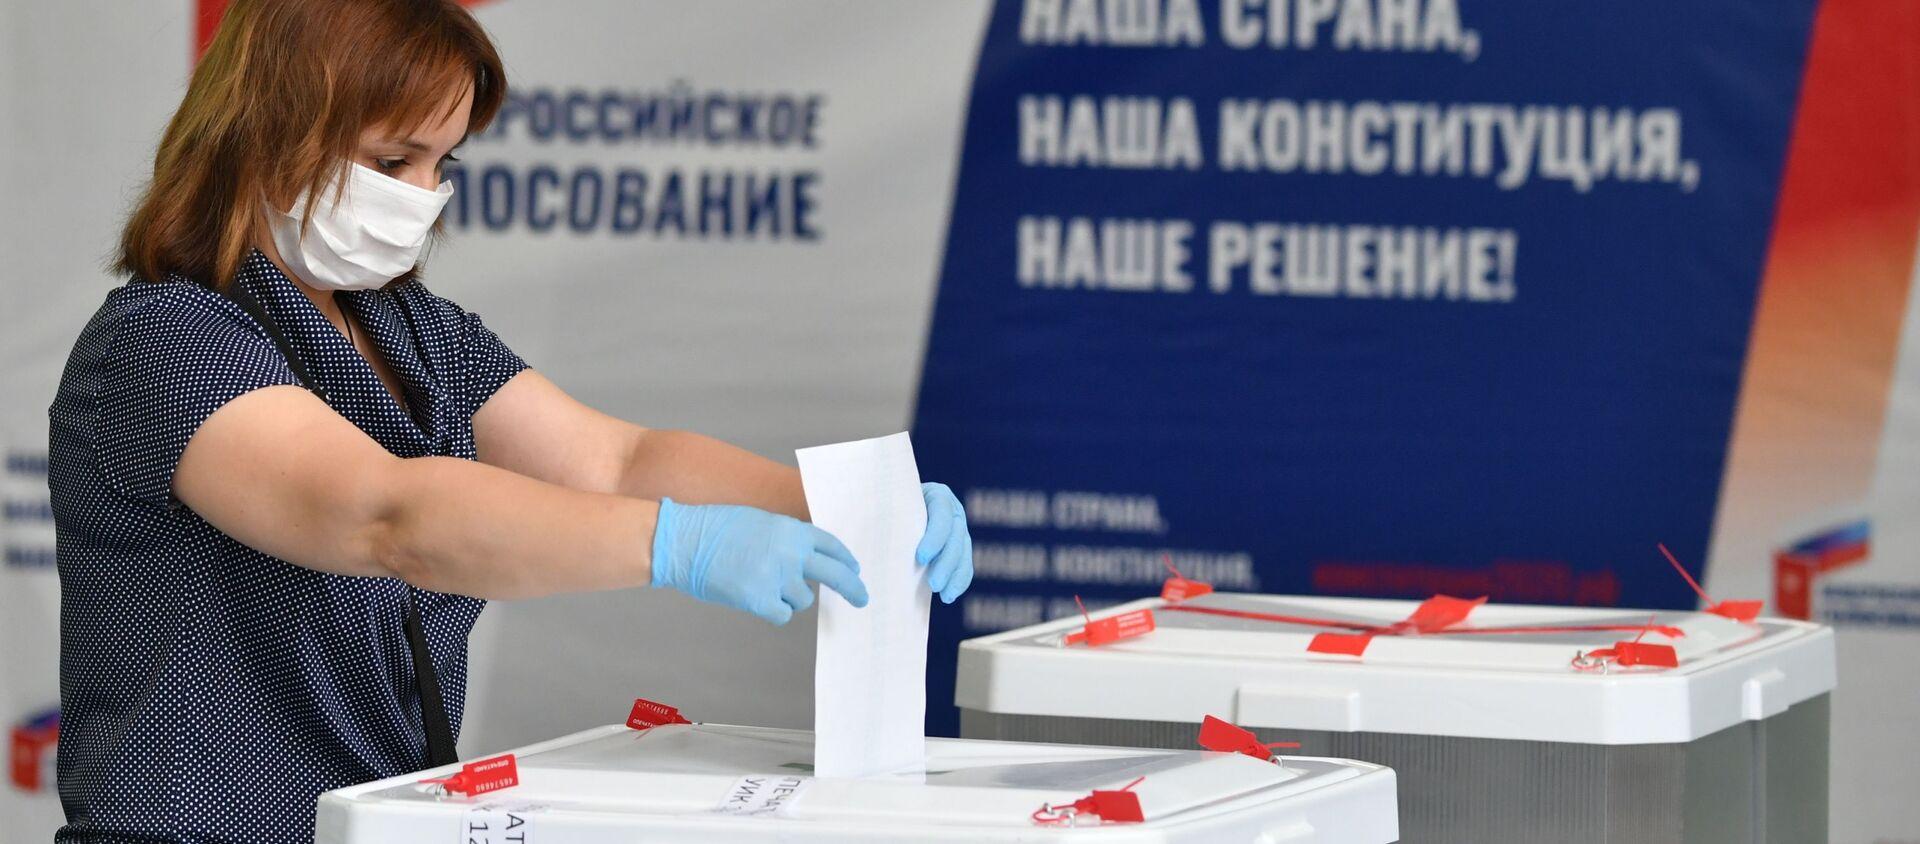 Votazioni per le modifiche alla Costituzione russa - Sputnik Italia, 1920, 02.07.2020